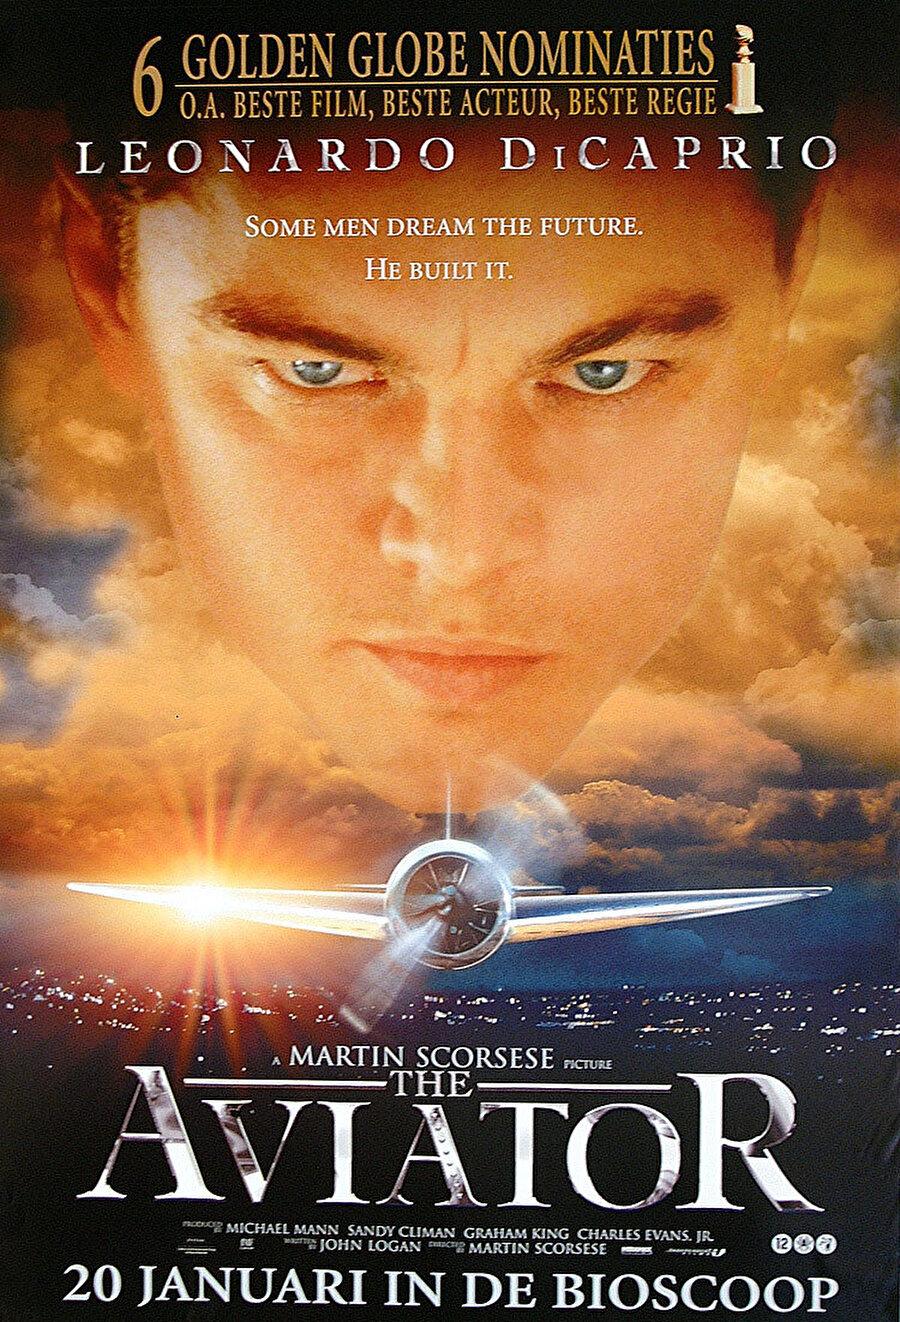 The Aviator, DiCaprio'ya ödül kazandırarak Hollywood yıldızının kariyerinde oldukça önemli bir yere sahip oldu.